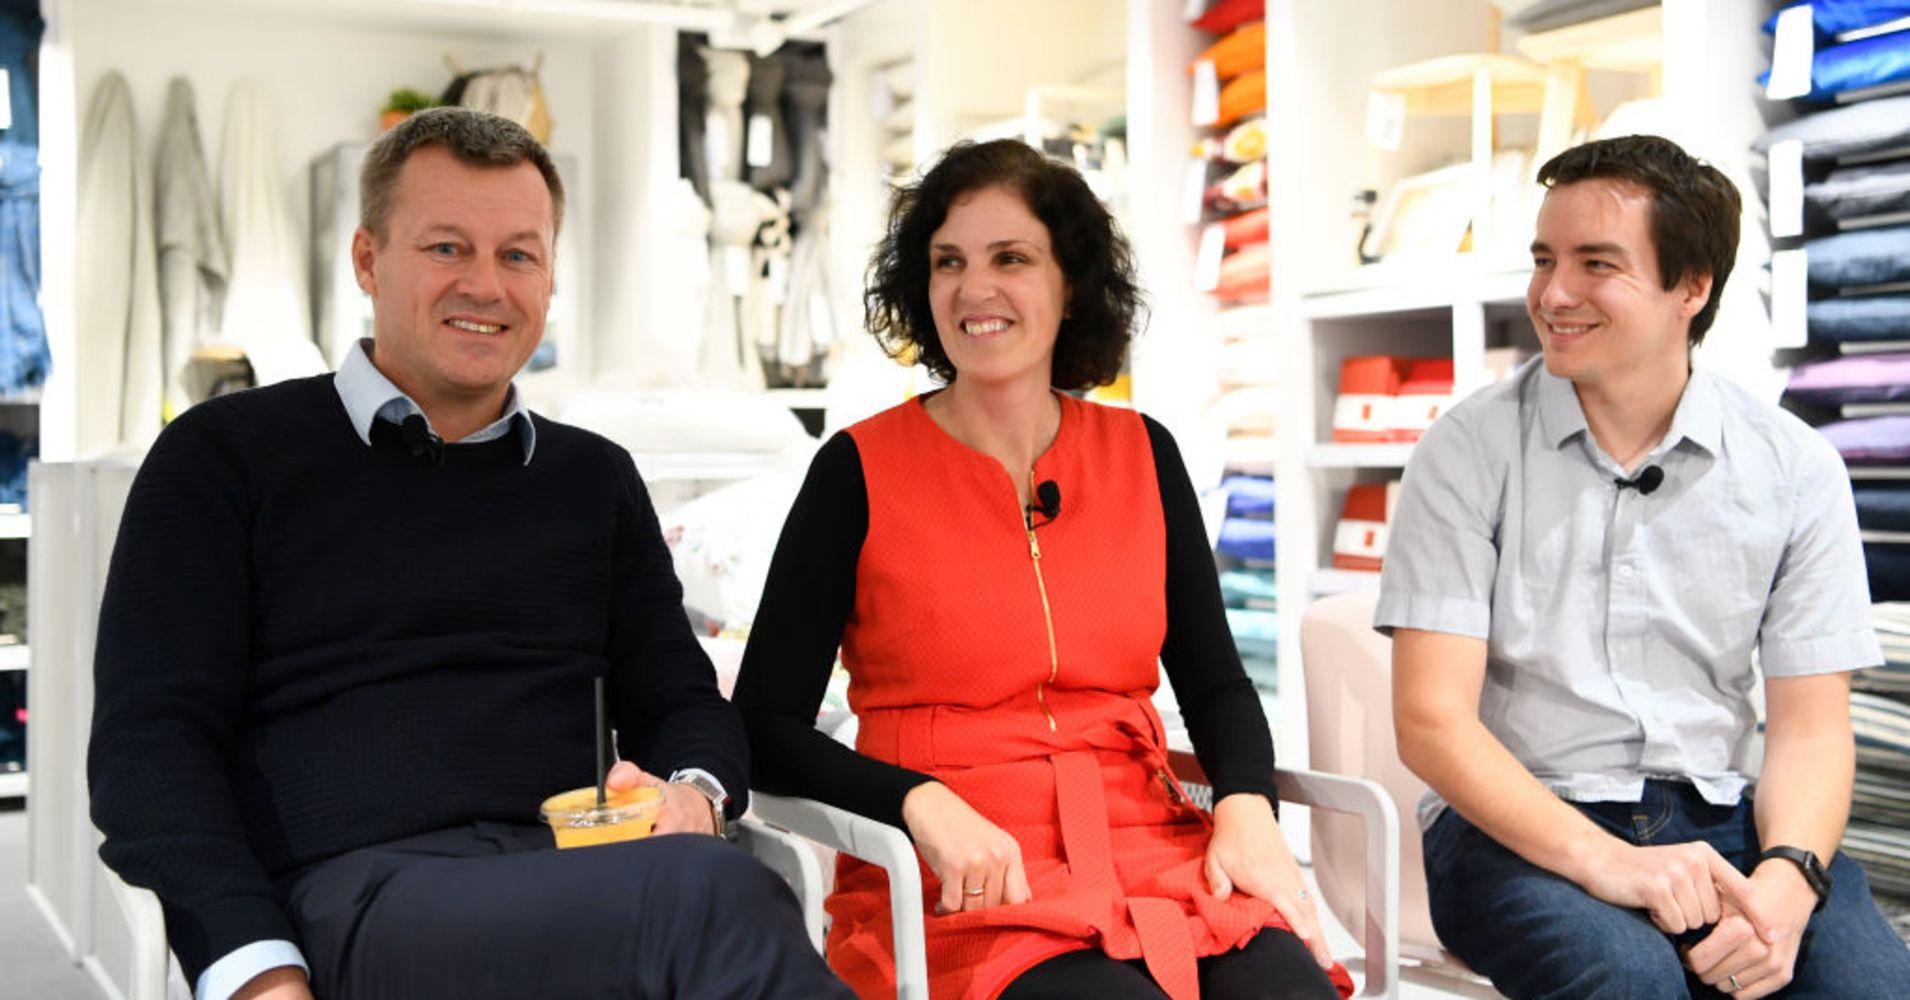 ИДЕЯ ОТ IKEA: как Amazon вынудила IKEA изменить бизнес модель и стать сильнее. Подробный рецепт